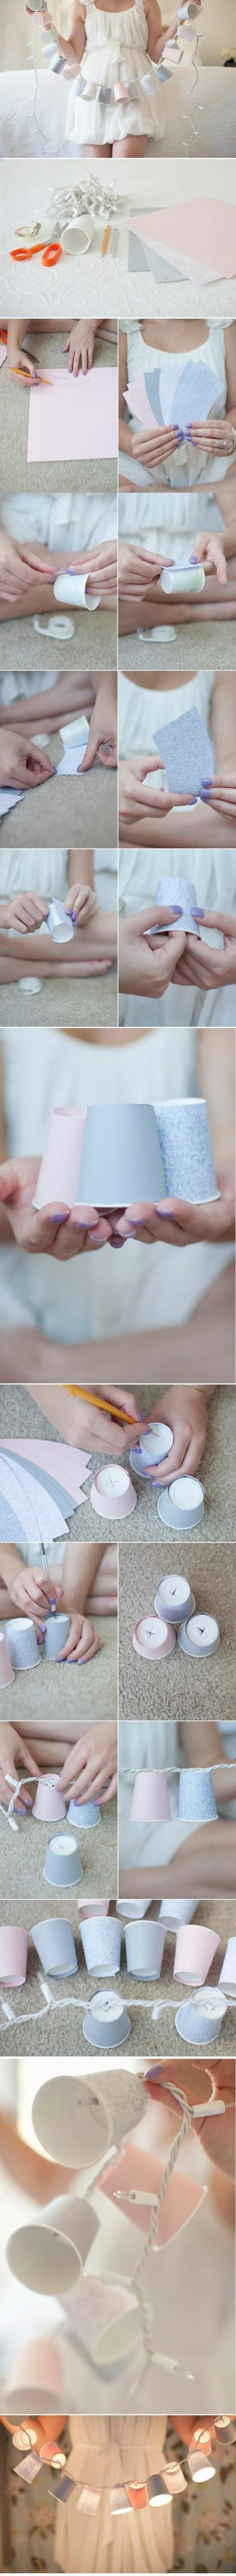 diy idee mit pappbechern lichterkette basteln